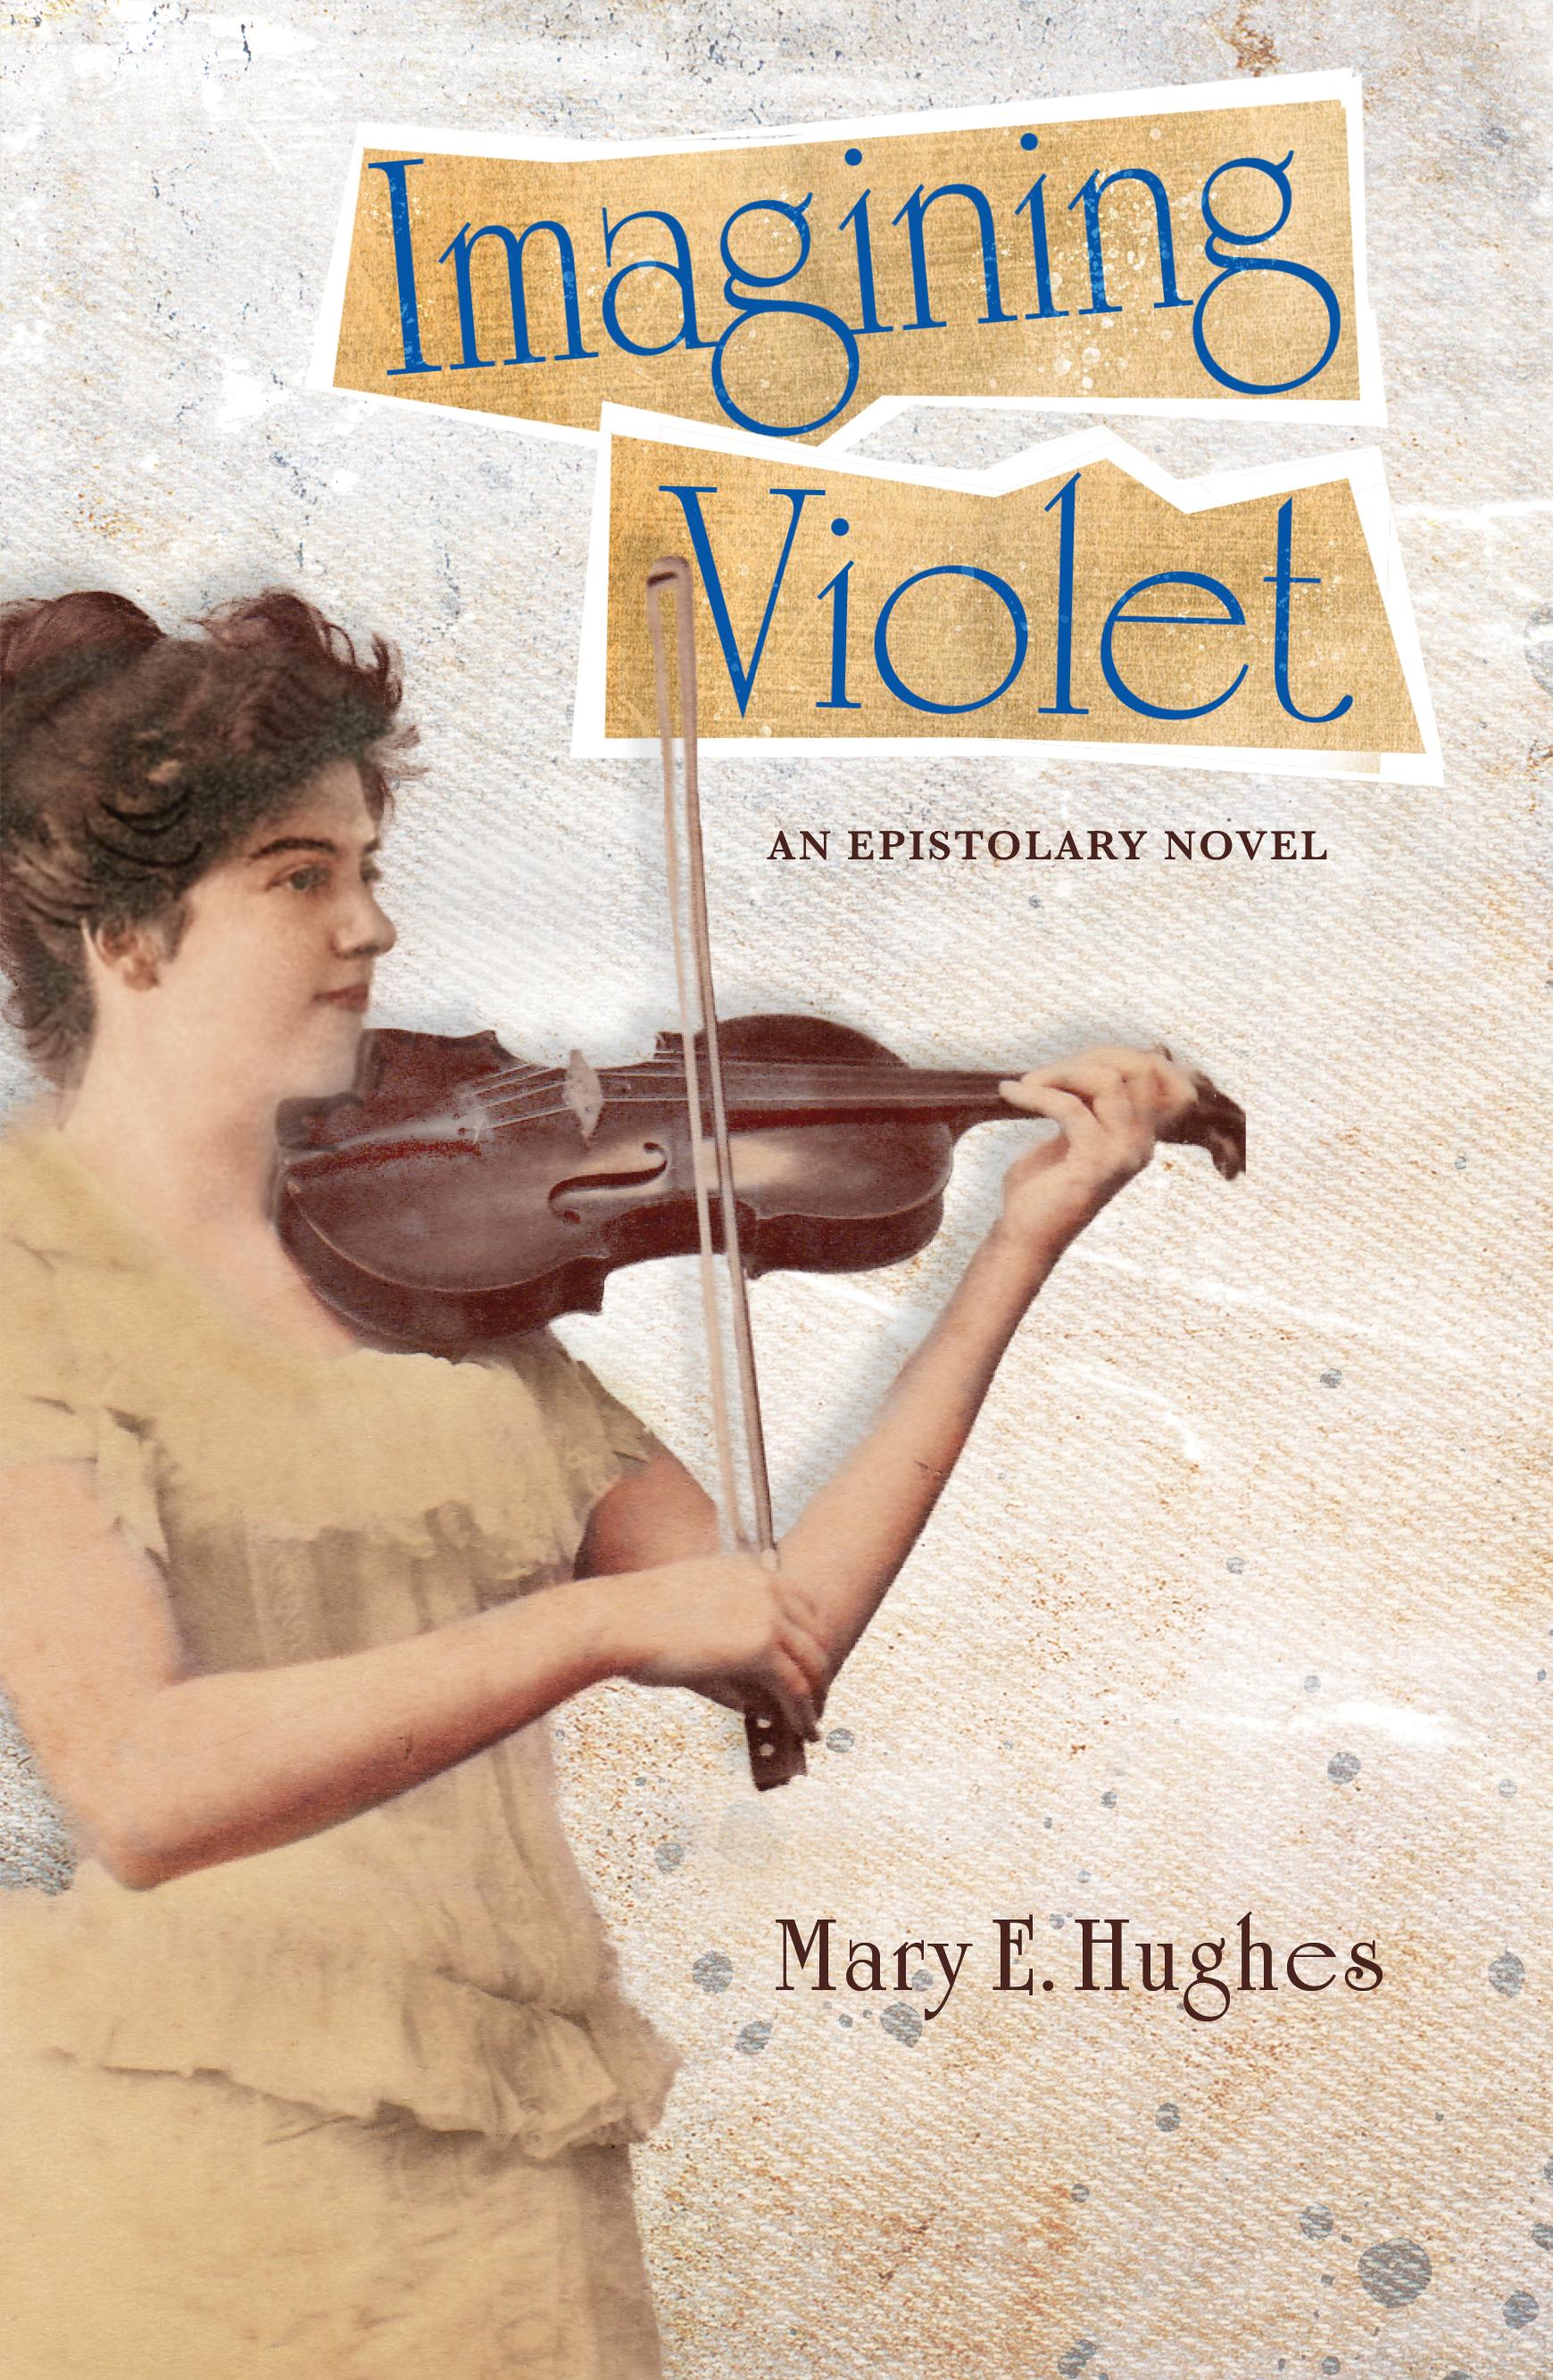 Violet front cover LG.jpg